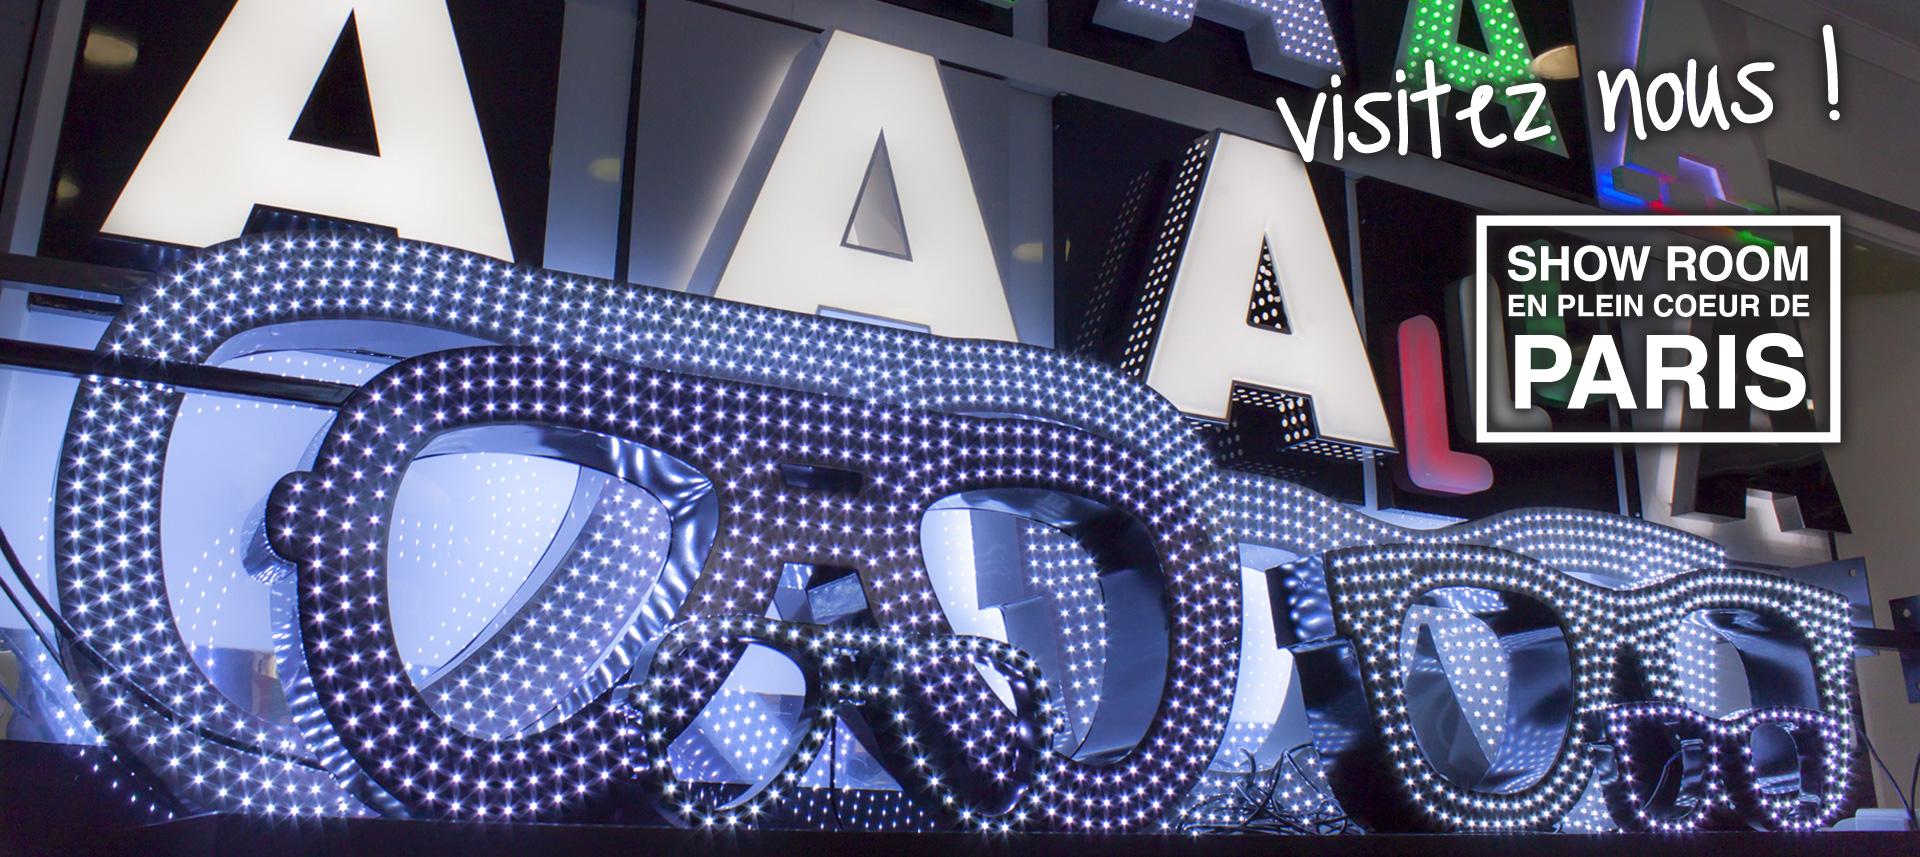 ff11b8c14cd86 Printmarket - Création d enseigne LED lumineuse à Paris